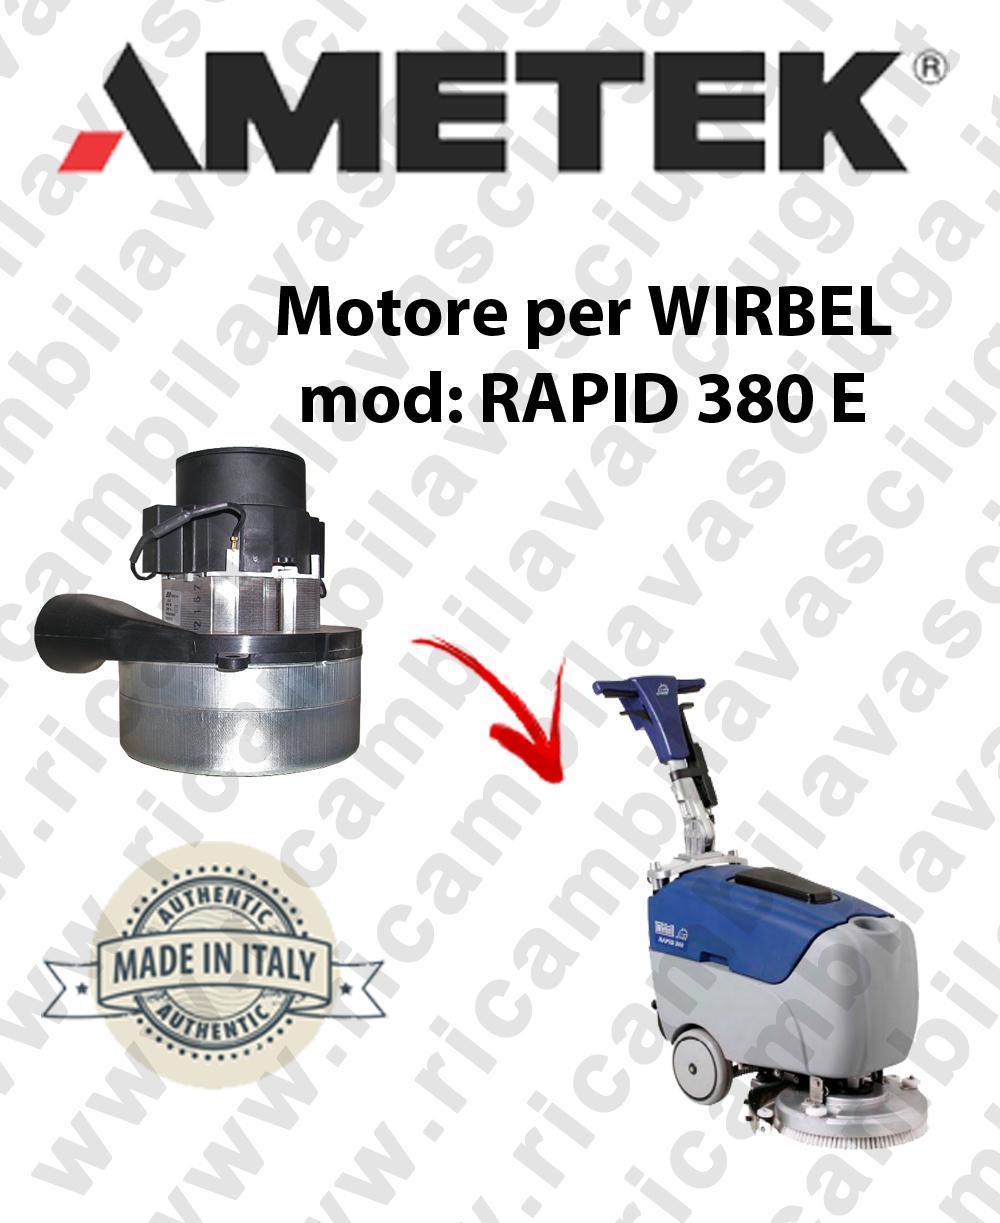 RAPID 380 y Motore de aspiración AMETEK para fregadora WIRBEL